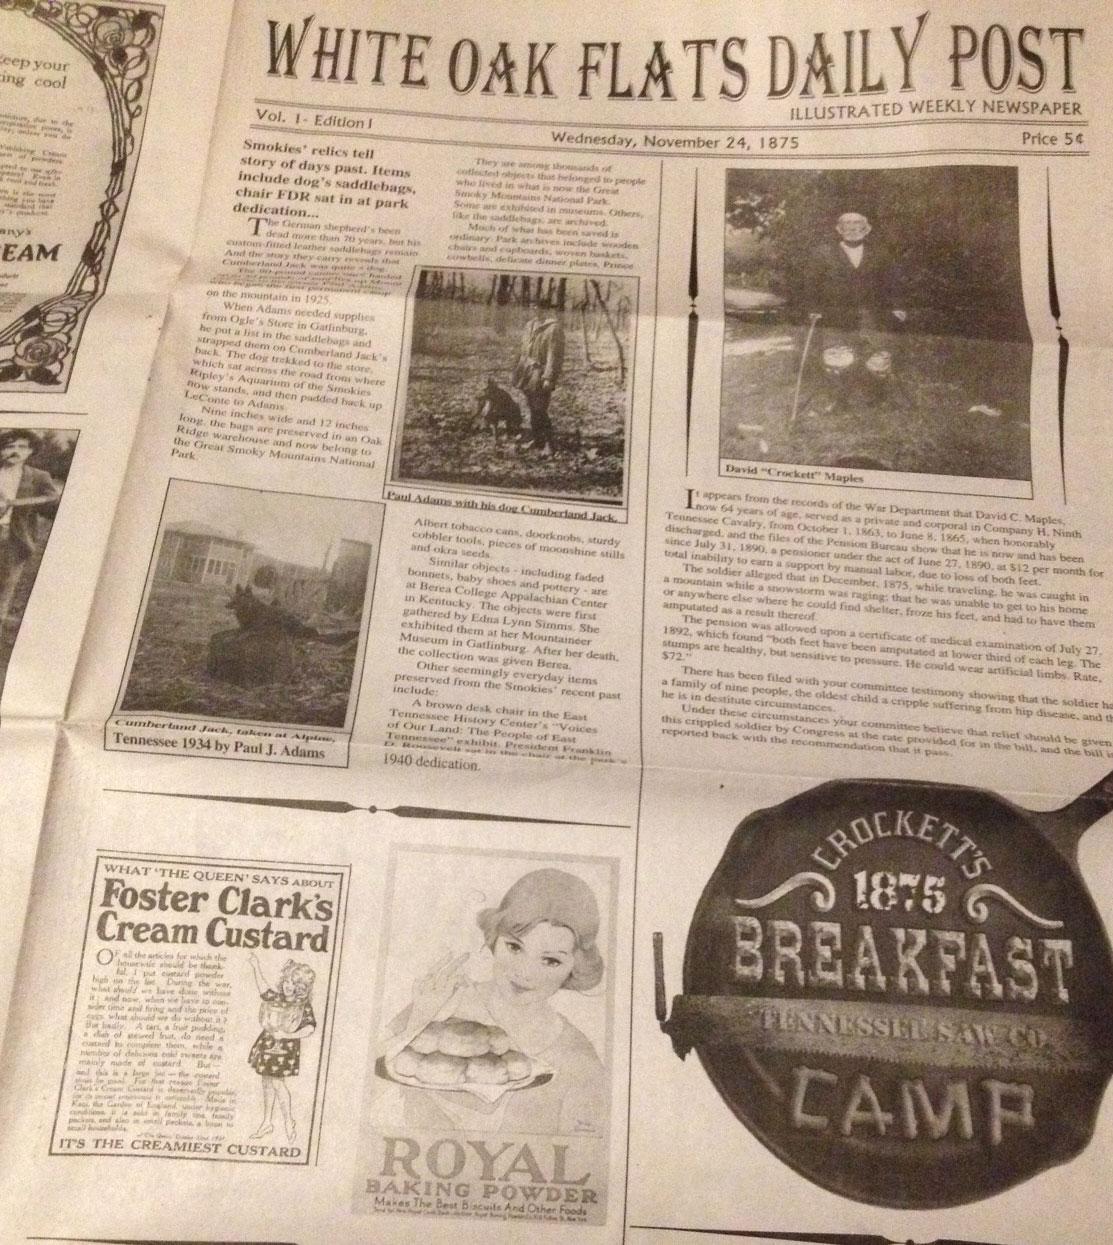 Crockett's Breakfast Camp